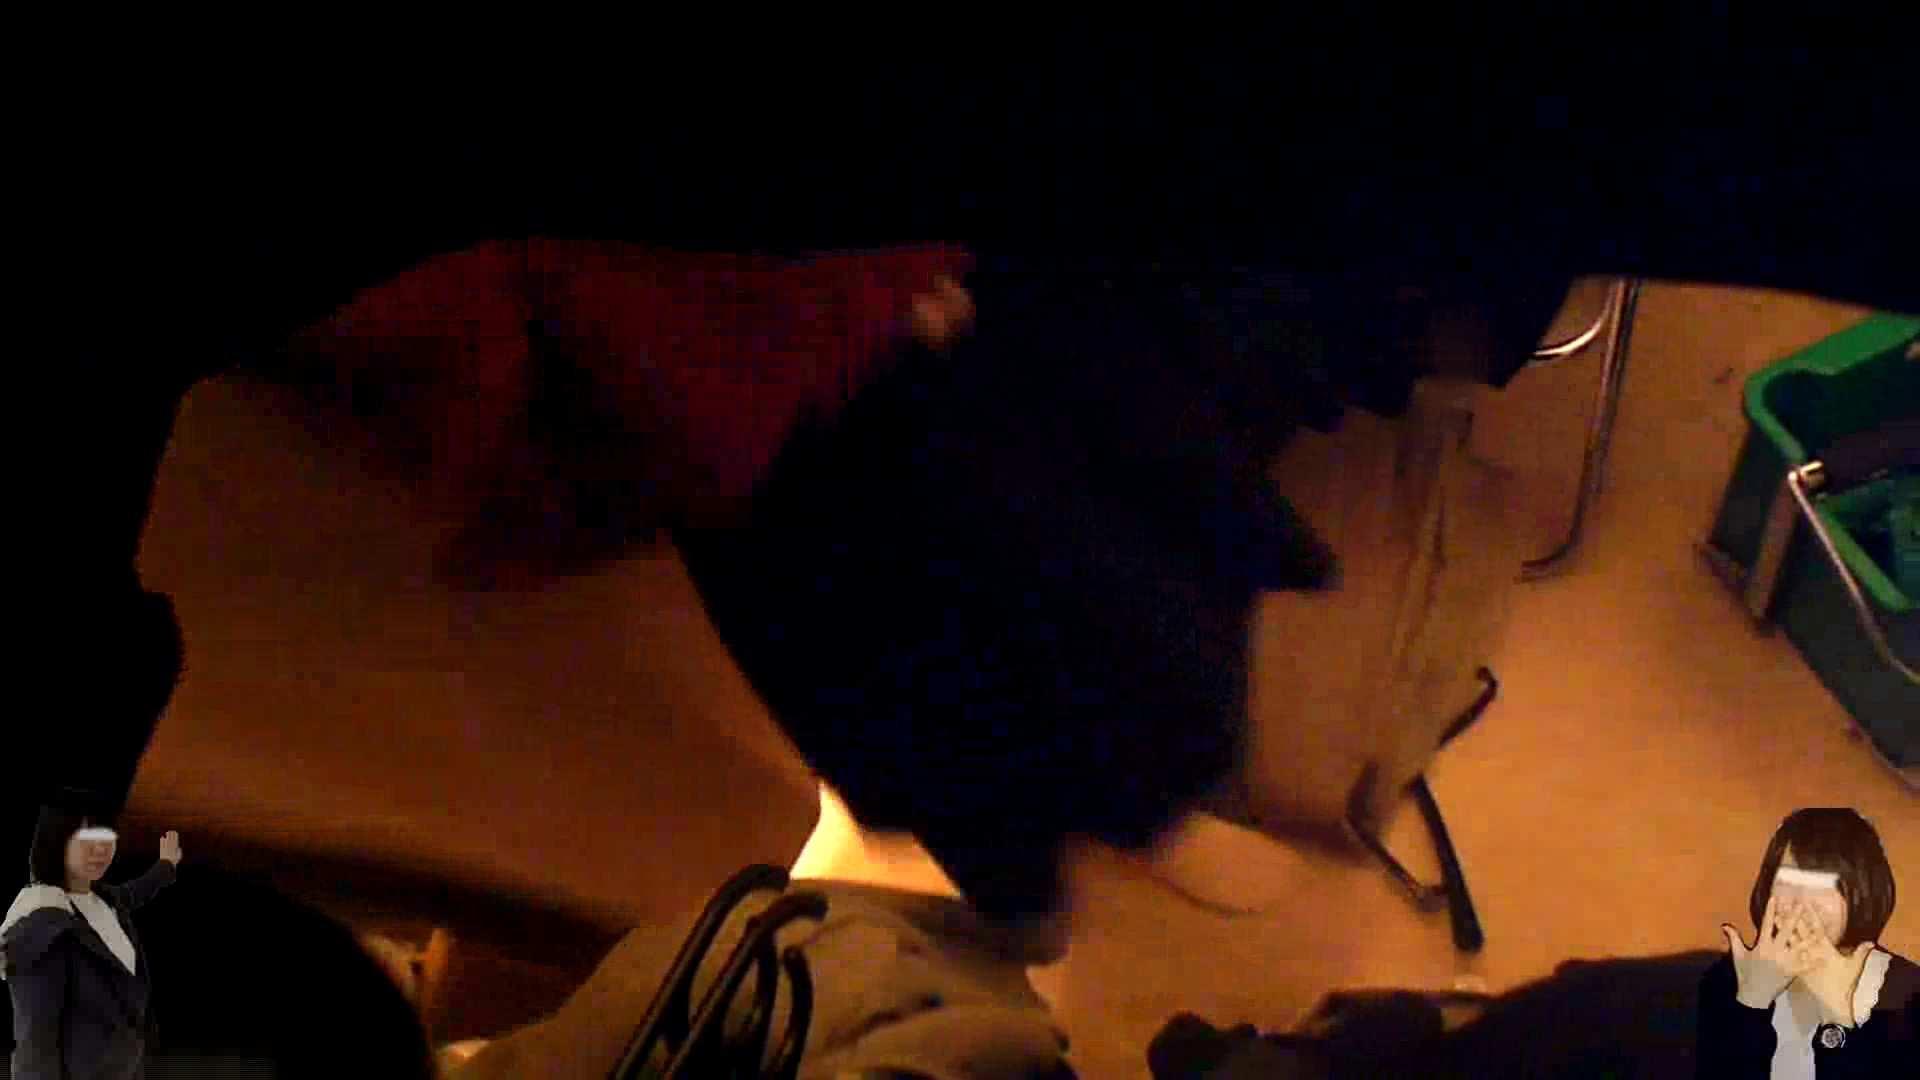 素人投稿 現役「JD」Eちゃんの着替え Vol.05 着替え 盗撮セックス無修正動画無料 111画像 59